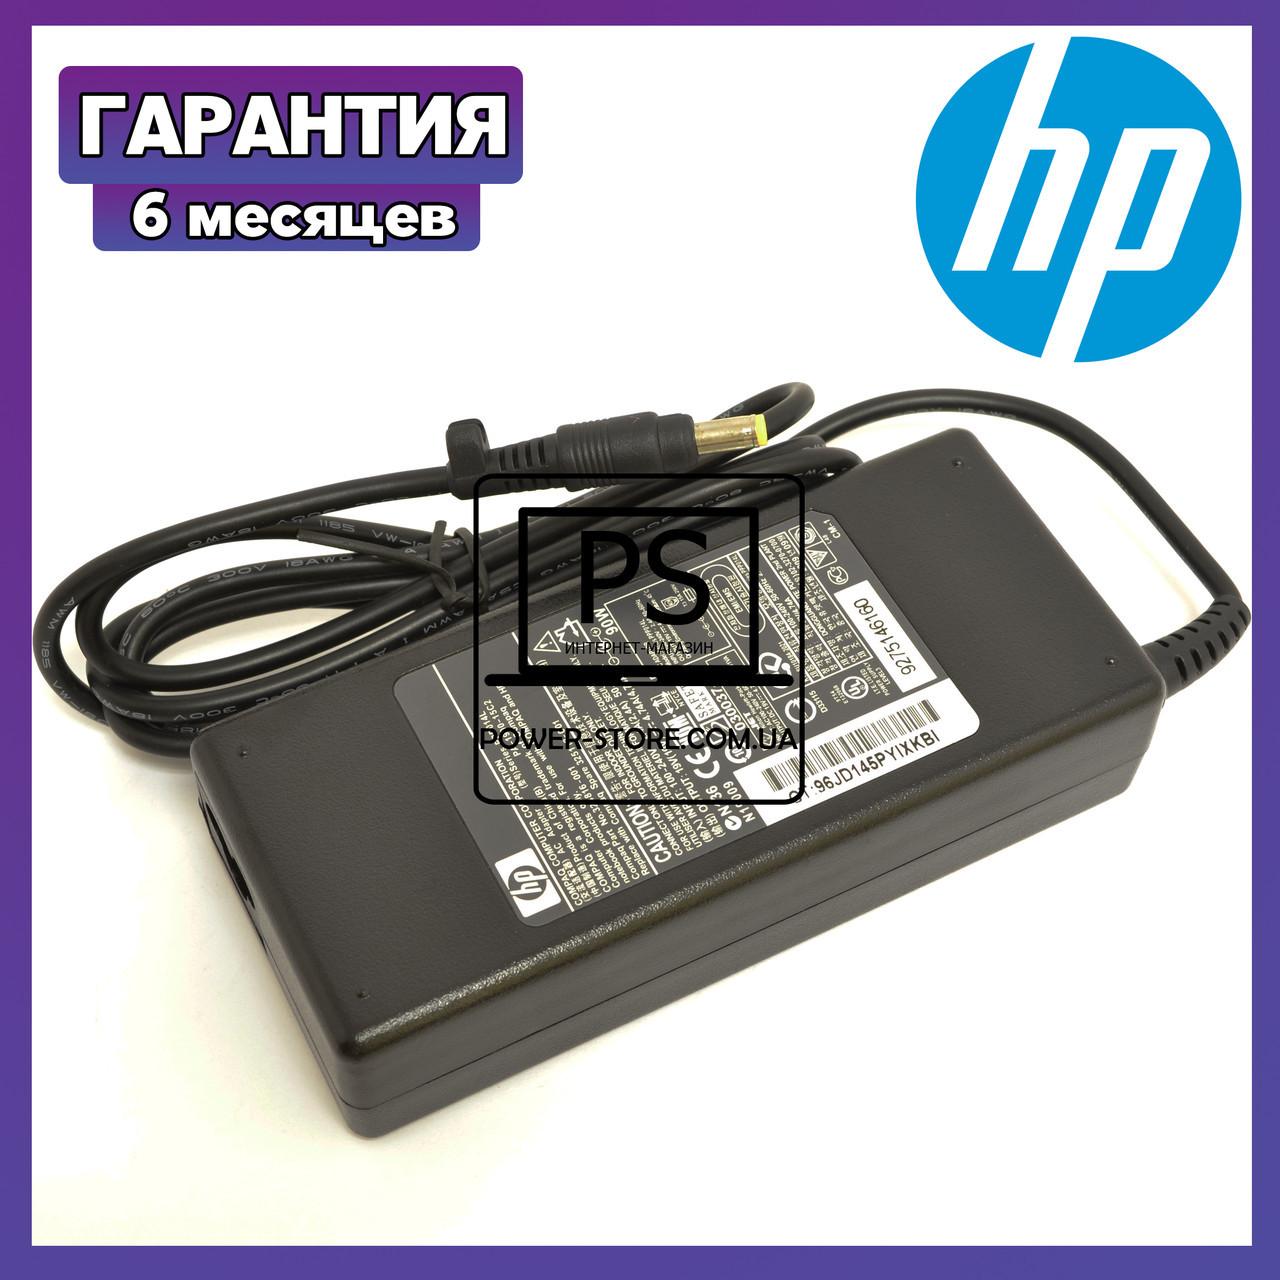 Блок питания зарядное устройство для ноутбука HP nc8230, nw8000